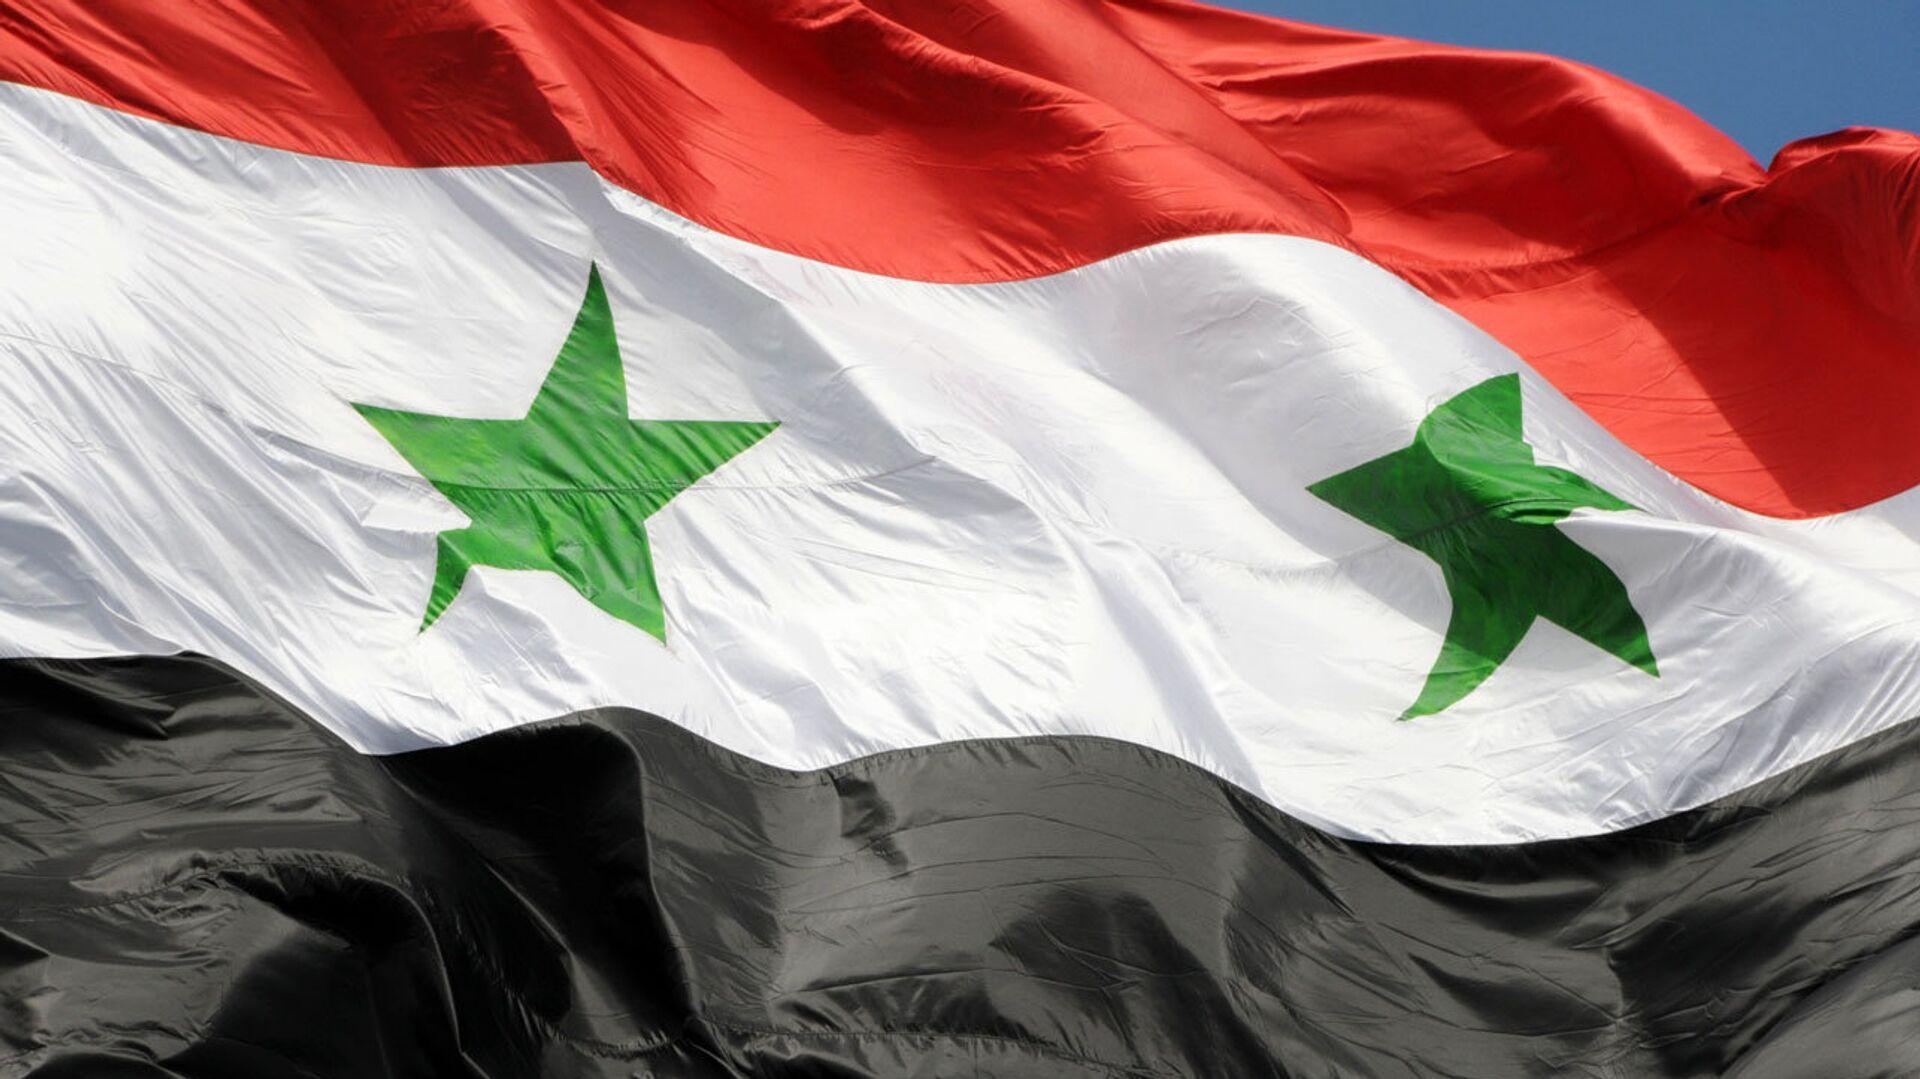 La bandera de Siria - Sputnik Mundo, 1920, 06.03.2021